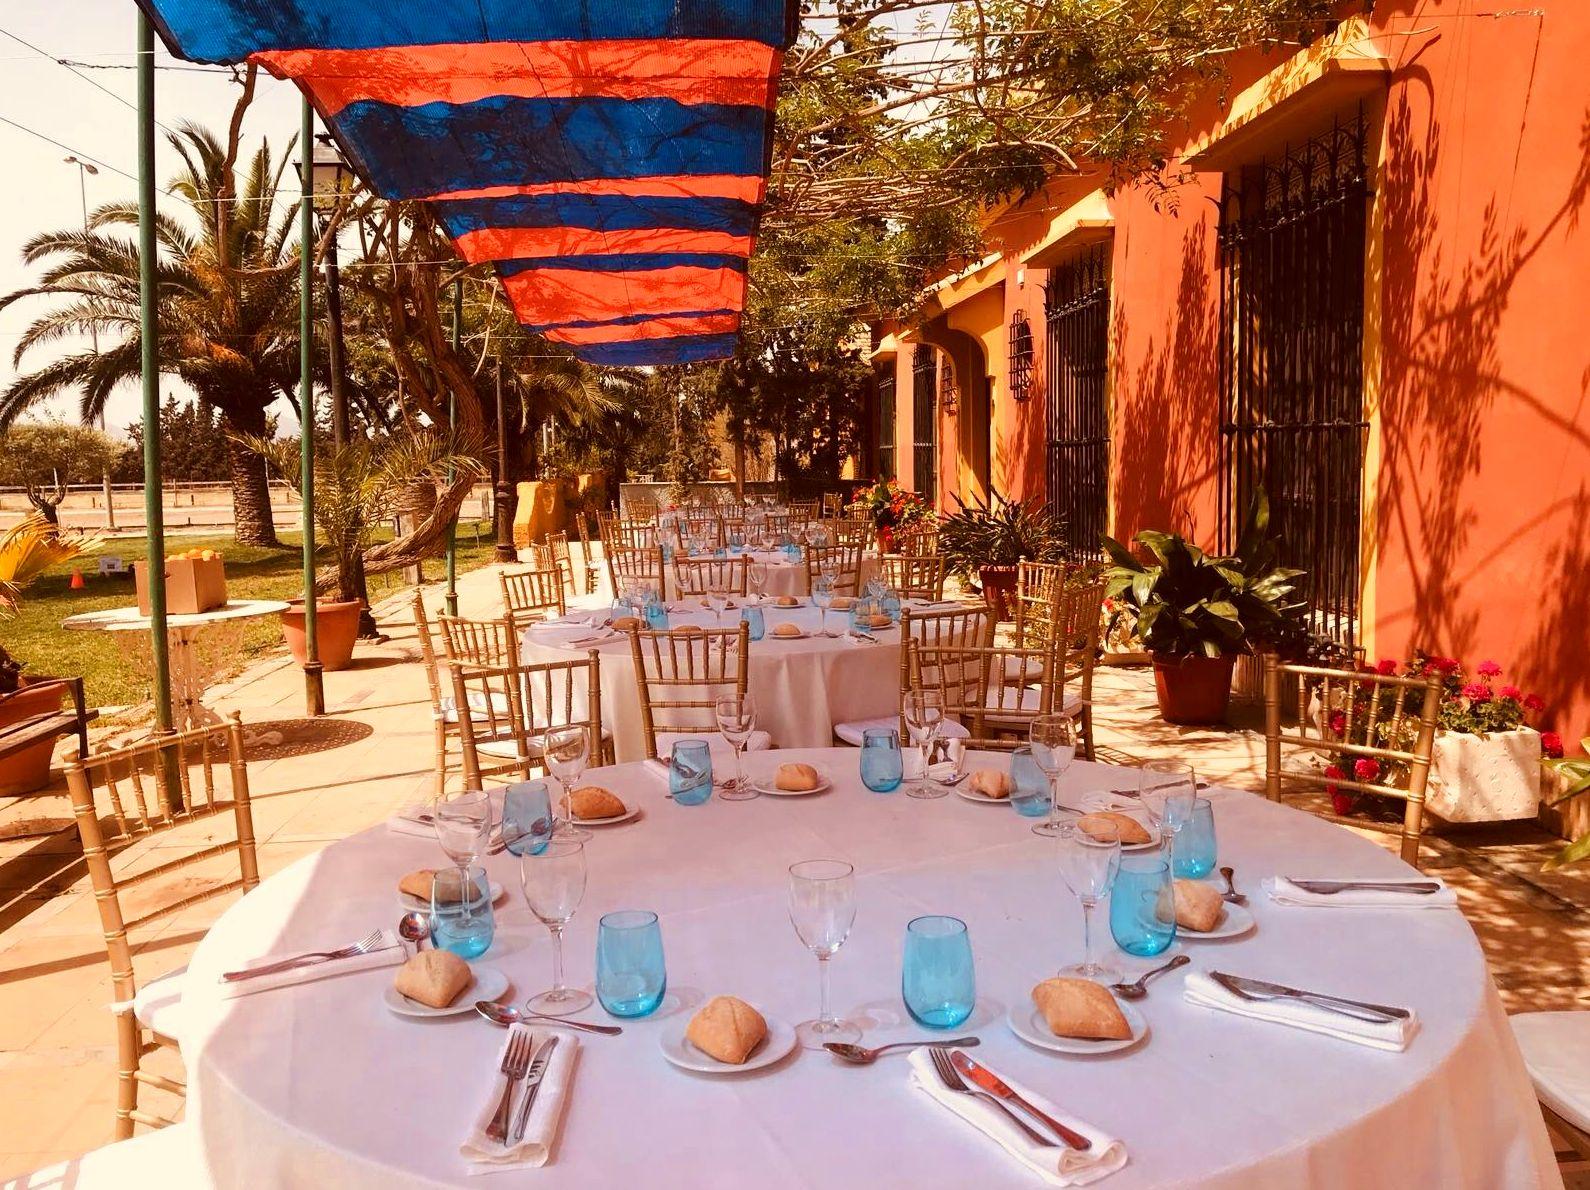 Foto 12 de Alquiler de sillas, mesas y menaje en El Palmar | Mantelería & Menaje